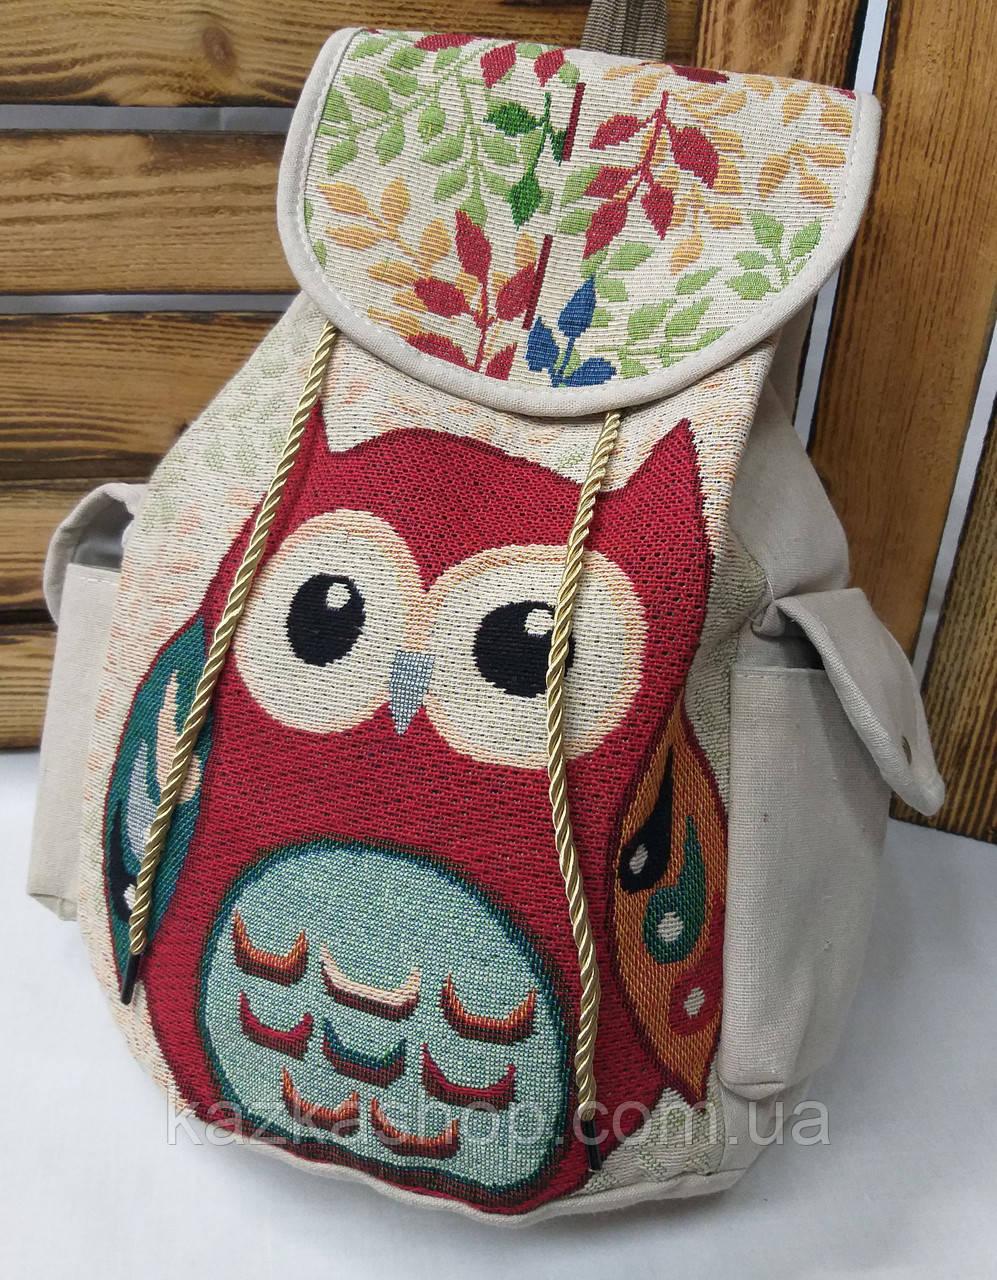 """Спортивный текстильный женский рюкзак """"Совушка"""" из плотного материала, на завязках, на 1 отдел"""